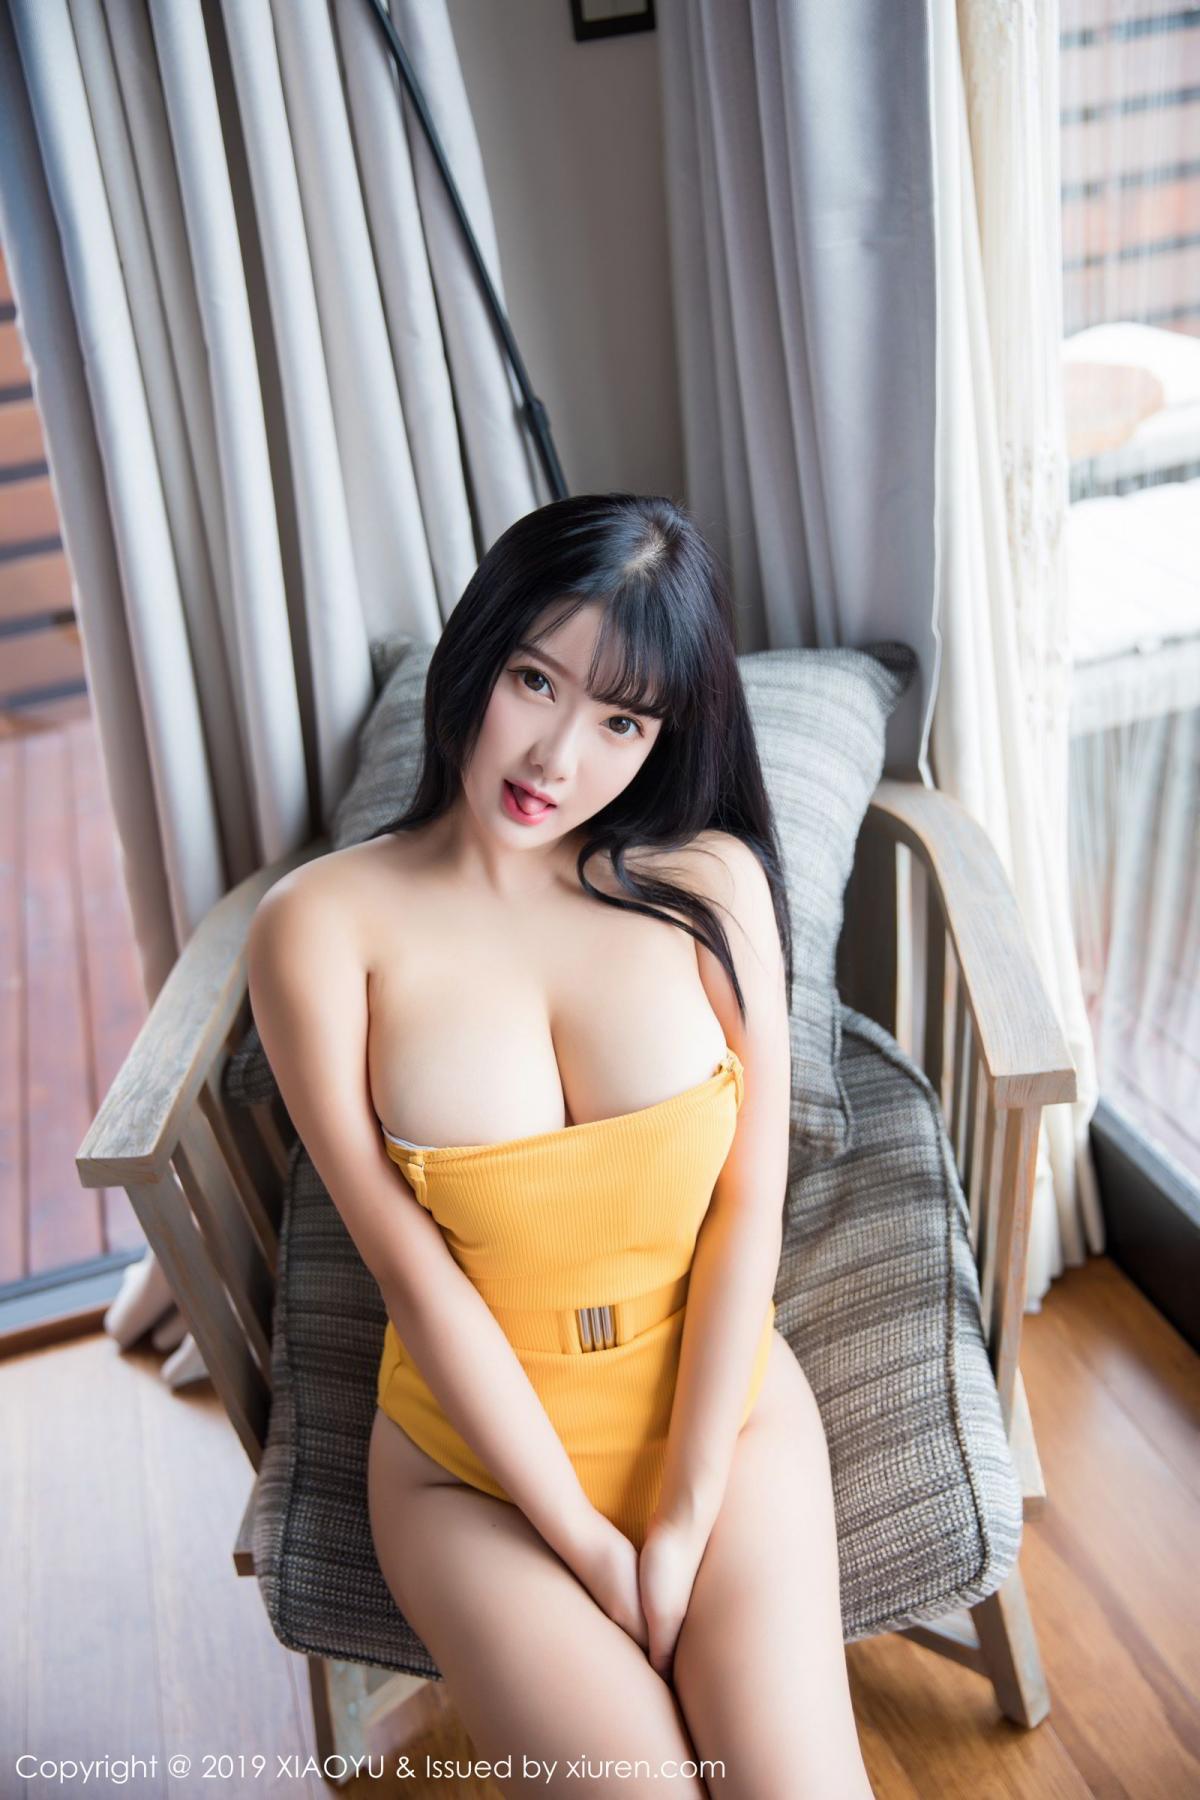 [XiaoYu] Vol.111 Lu Lu Xiao Miao 8P, Cute, Lu Lu Xiao Miao, Underwear, XiaoYu